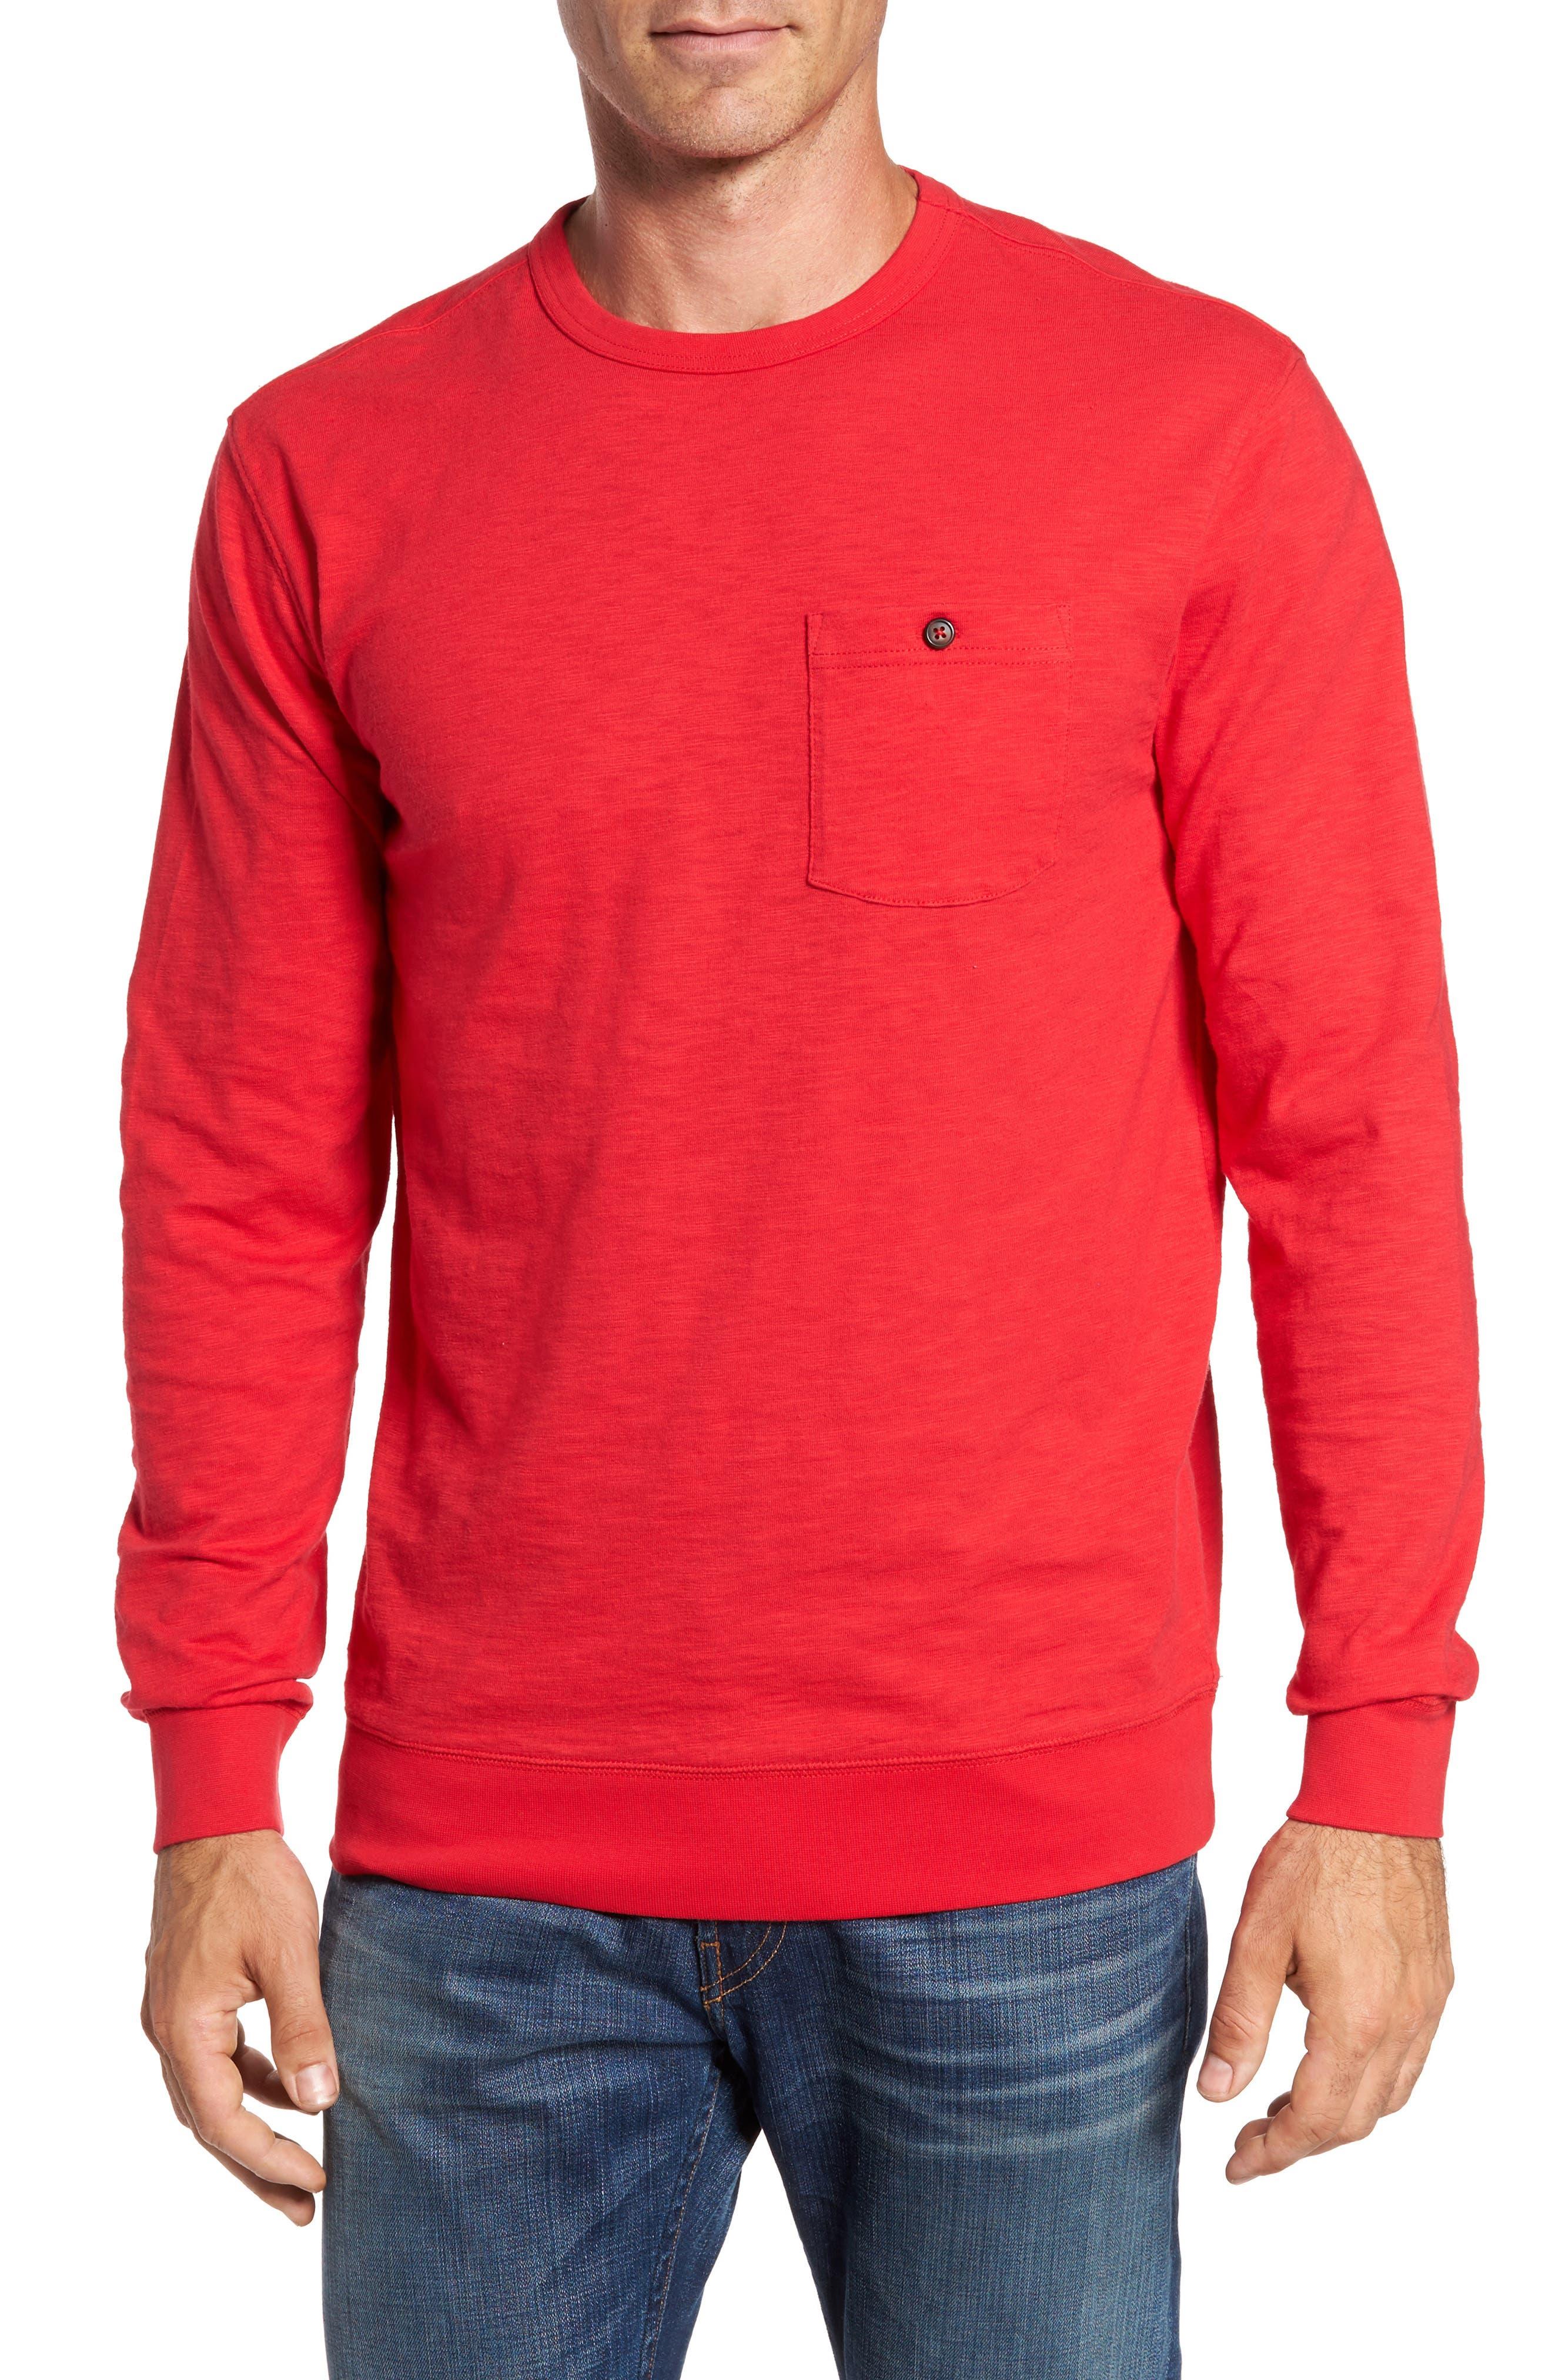 Alternate Image 1 Selected - Southern Tide Montford Slub Pocket T-Shirt